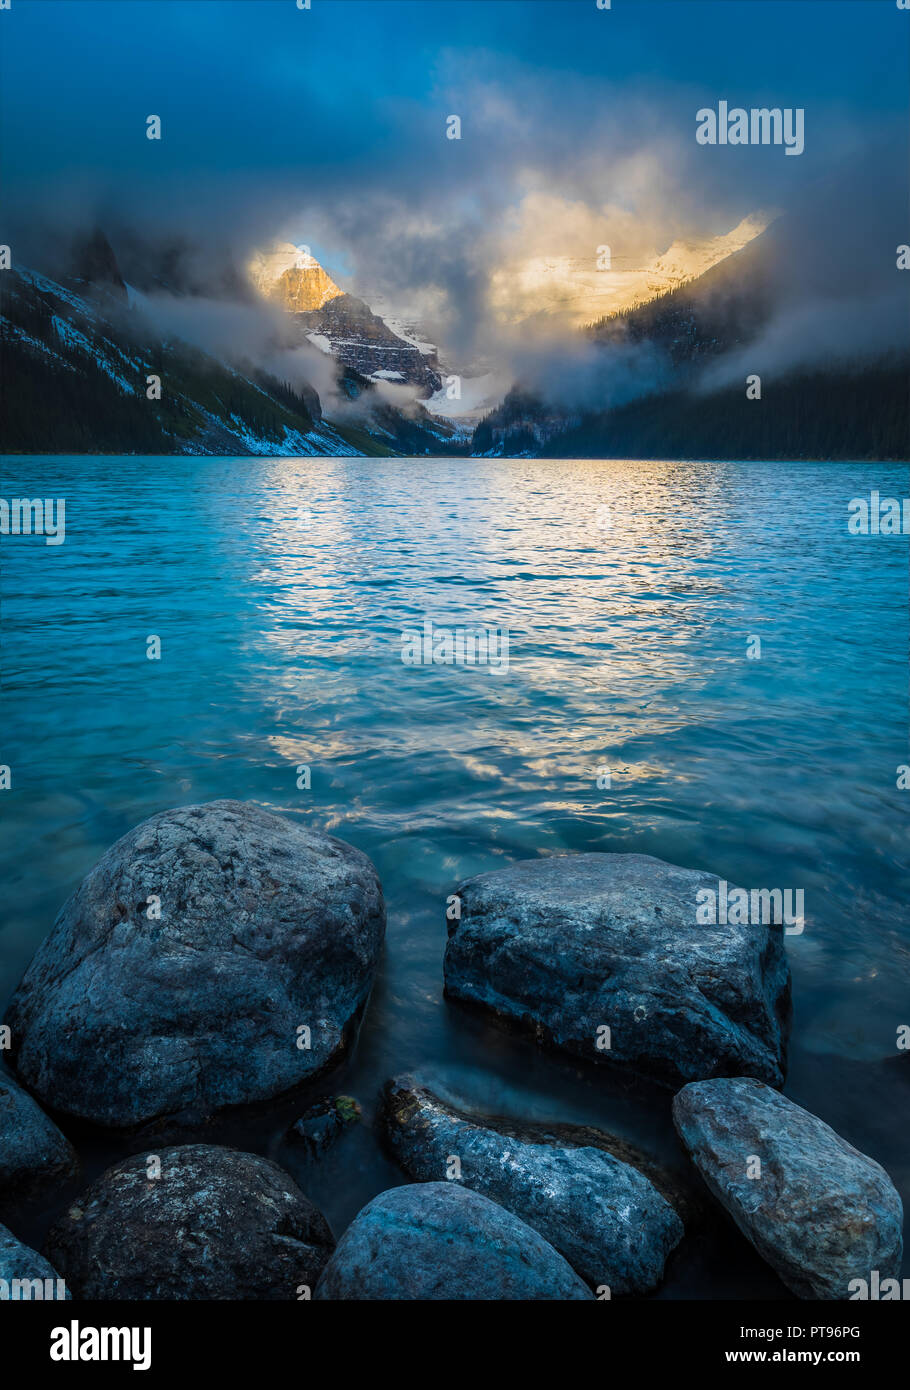 El lago Louise, llamado Lago de los pececillos por el Stoney Nakota los pueblos de las Primeras Naciones, es un lago glaciar en el Parque Nacional Banff, en Alberta, Canad Foto de stock